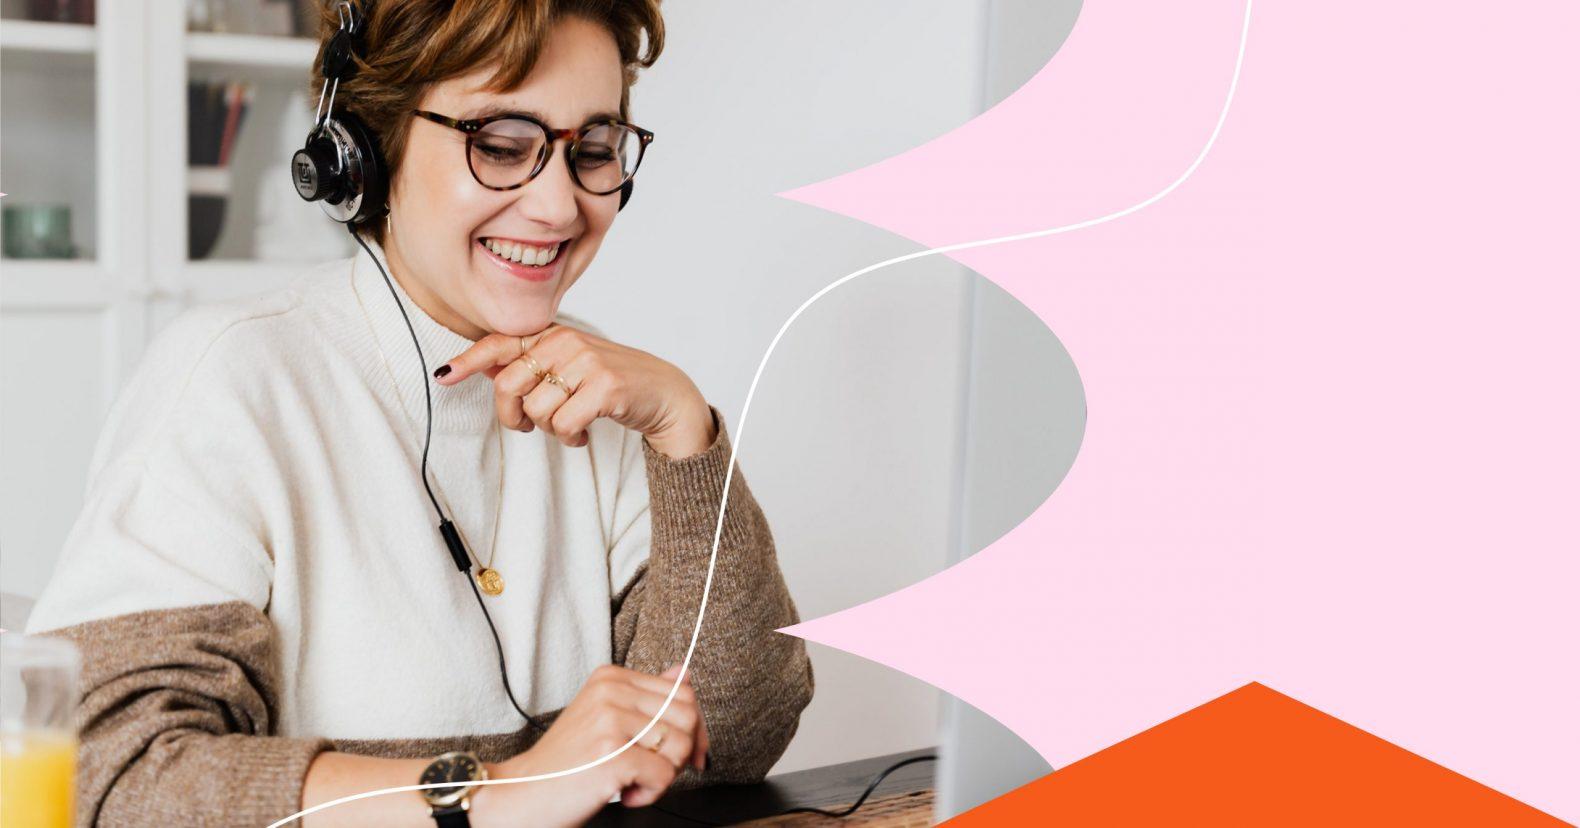 Webinar landing pages image of middle-aged brunette woman smiling at her desktop computer